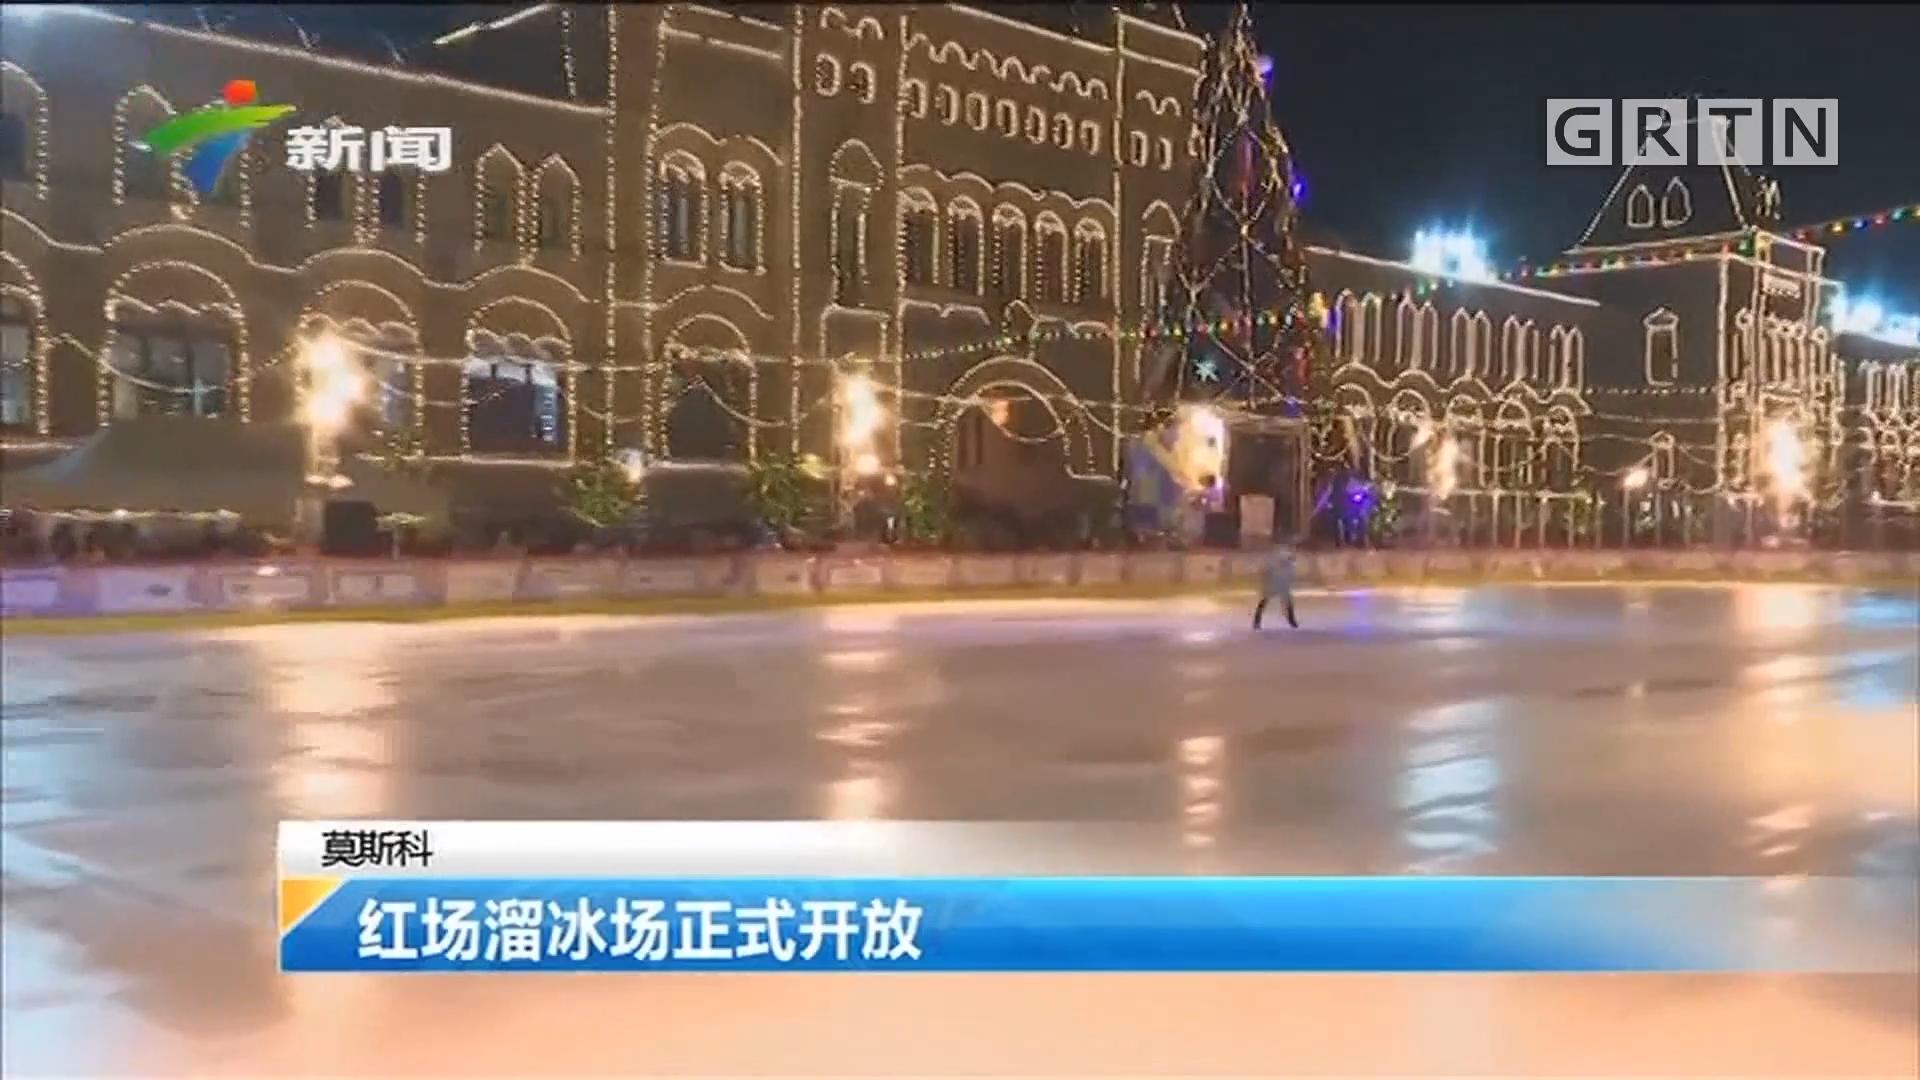 莫斯科:红场溜冰场正式开放